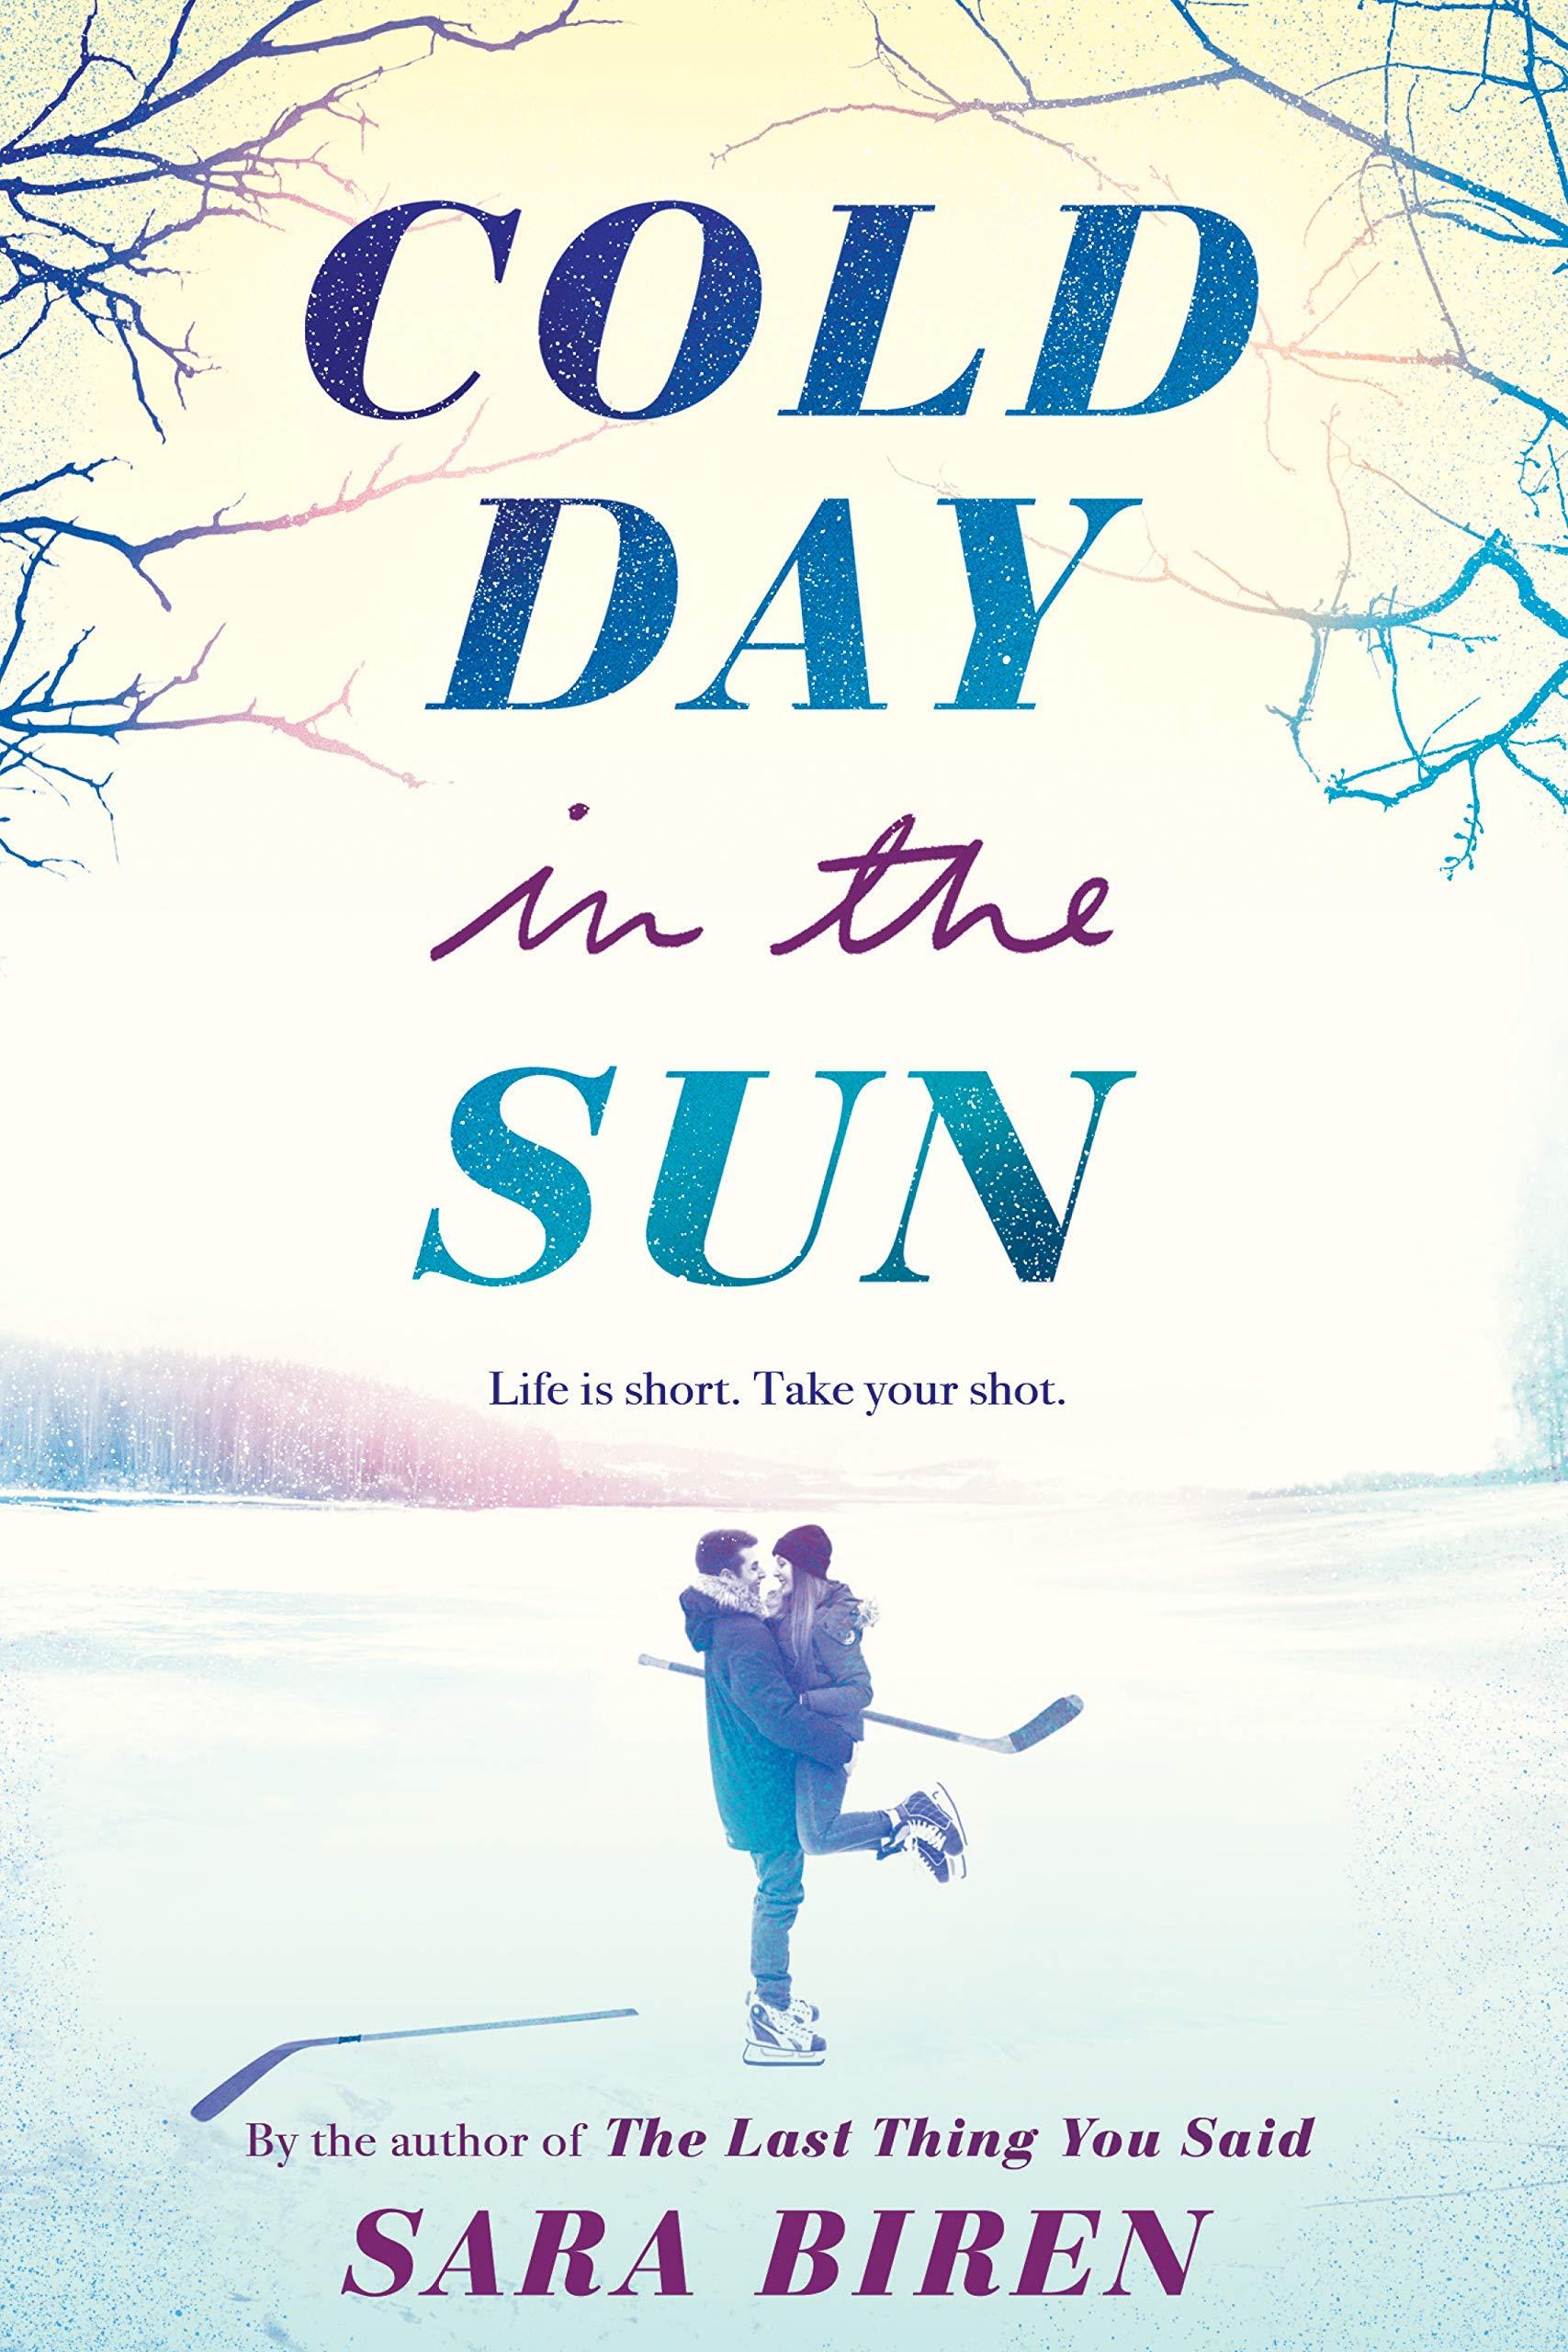 Amazon.com: Cold Day in the Sun (9781419733673): Biren, Sara: Books